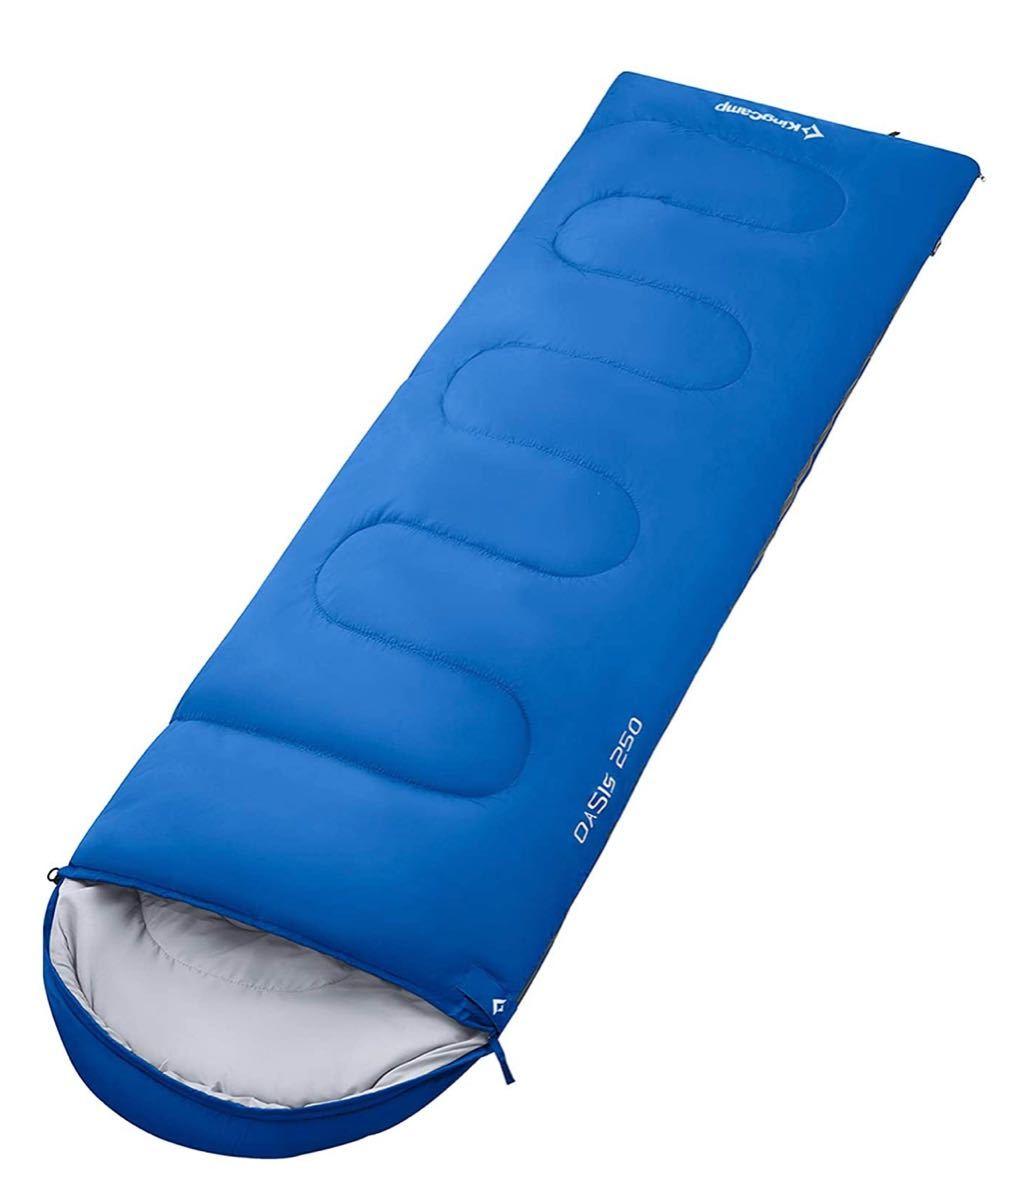 寝袋 コンパクト キャンプ アウトドア 夏用 シュラフ 登山 車中泊 軽量